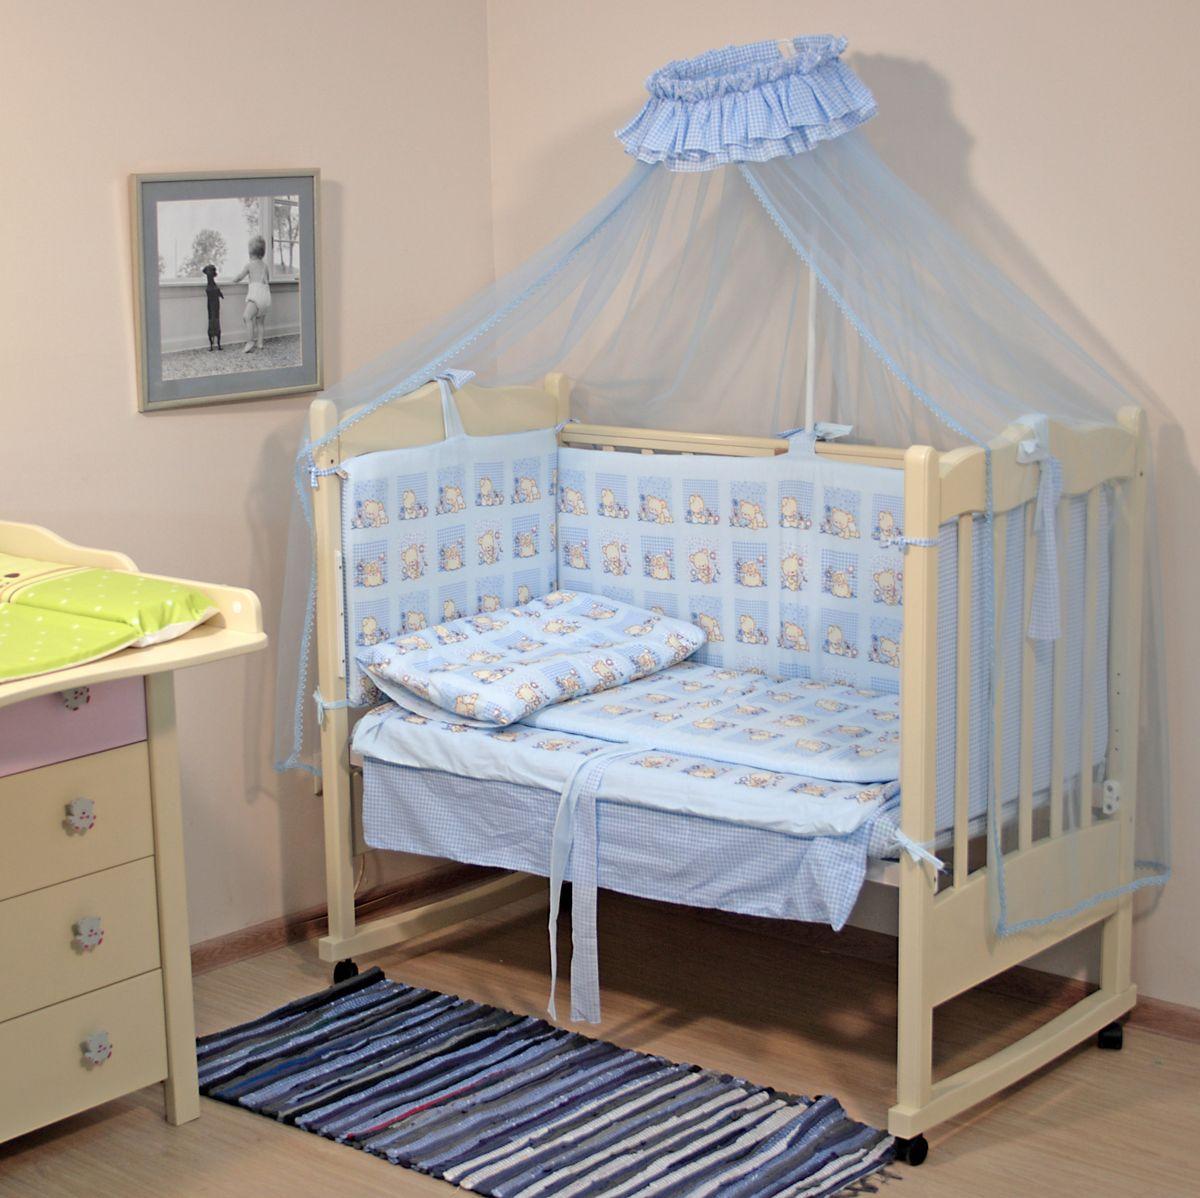 Топотушки Комплект детского постельного белья Мишутка цвет голубой 7 предметов4630008875537Комплект постельного белья из 7 предметов включает все необходимые элементы для детской кроватки. Комплект создает для Вашего ребенка уют, комфорт и безопасную среду с рождения, современный дизайн и цветовые сочетания помогают ребенку адаптироваться в новом для него мире. Комплекты «Топотушки» хорошо вписываются в интерьер как детской комнаты, так и спальни родителей. Как и все изделия «Топотушки» данный комплект отражает самые последние технологии, является безопасным для малыша и экологичным. Российское происхождение комплекта гарантирует стабильно высокое качество, соответствие актуальным пожеланиям потребителей, конкурентоспособную цену.Комплектация: Балдахин 3м (сетка); охранный бампер 360х50см. (из 4-х частей, наполнитель – холлофайбер); подушка 40х60см. (наполнитель – холлофайбер); одеяло 140х110см. (наполнитель – холлофайбер); наволочка 40х60см; пододеяльник 147х112см; простынь на резинке 120х60см